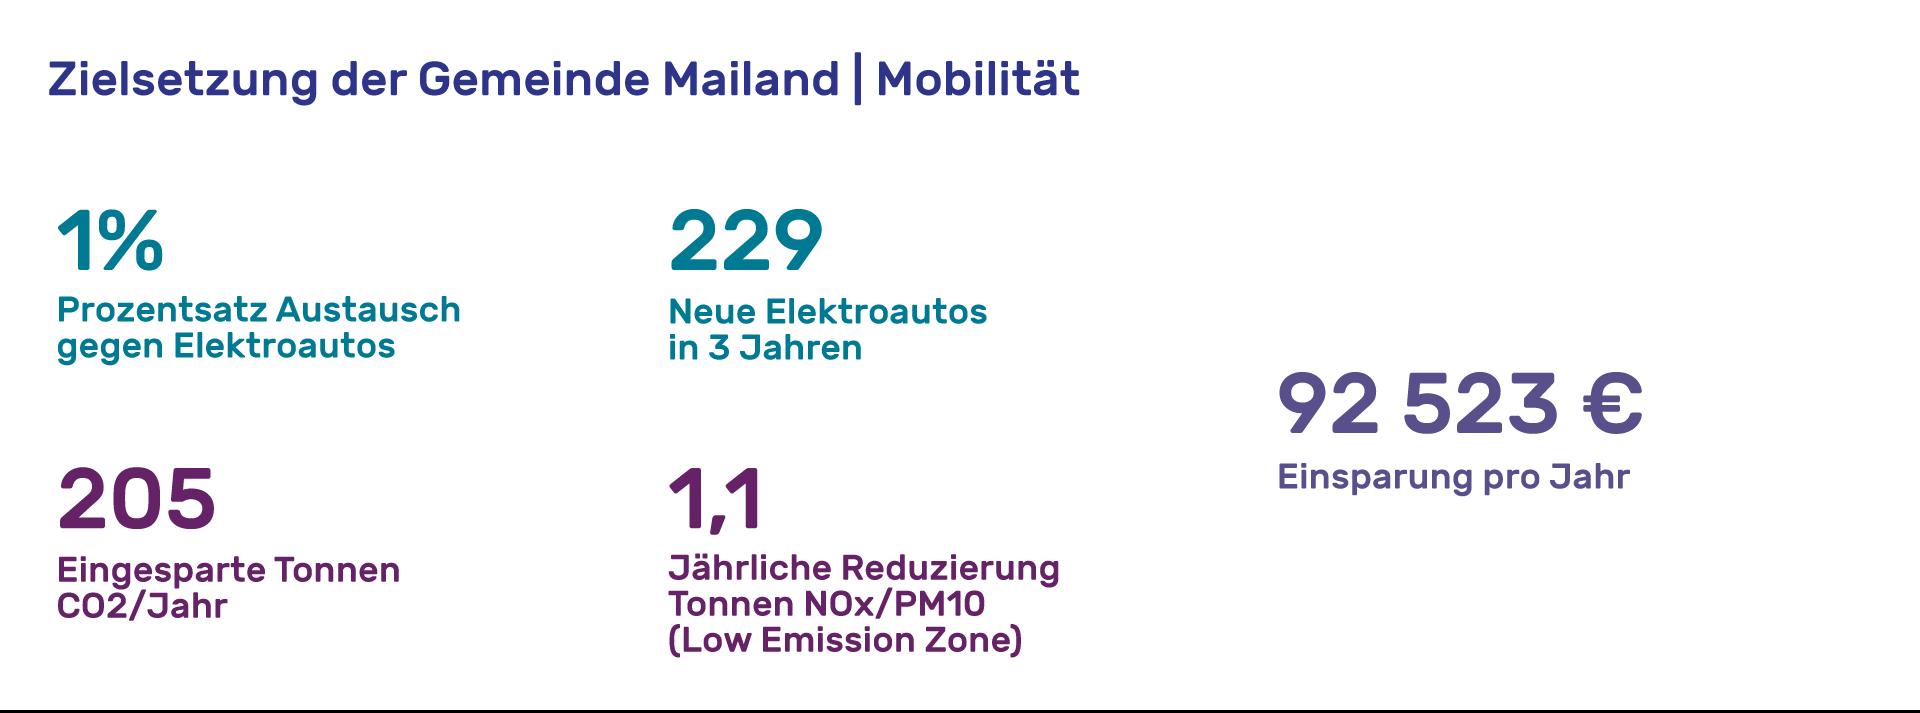 Tajani-obiettivi-mobilita-DE